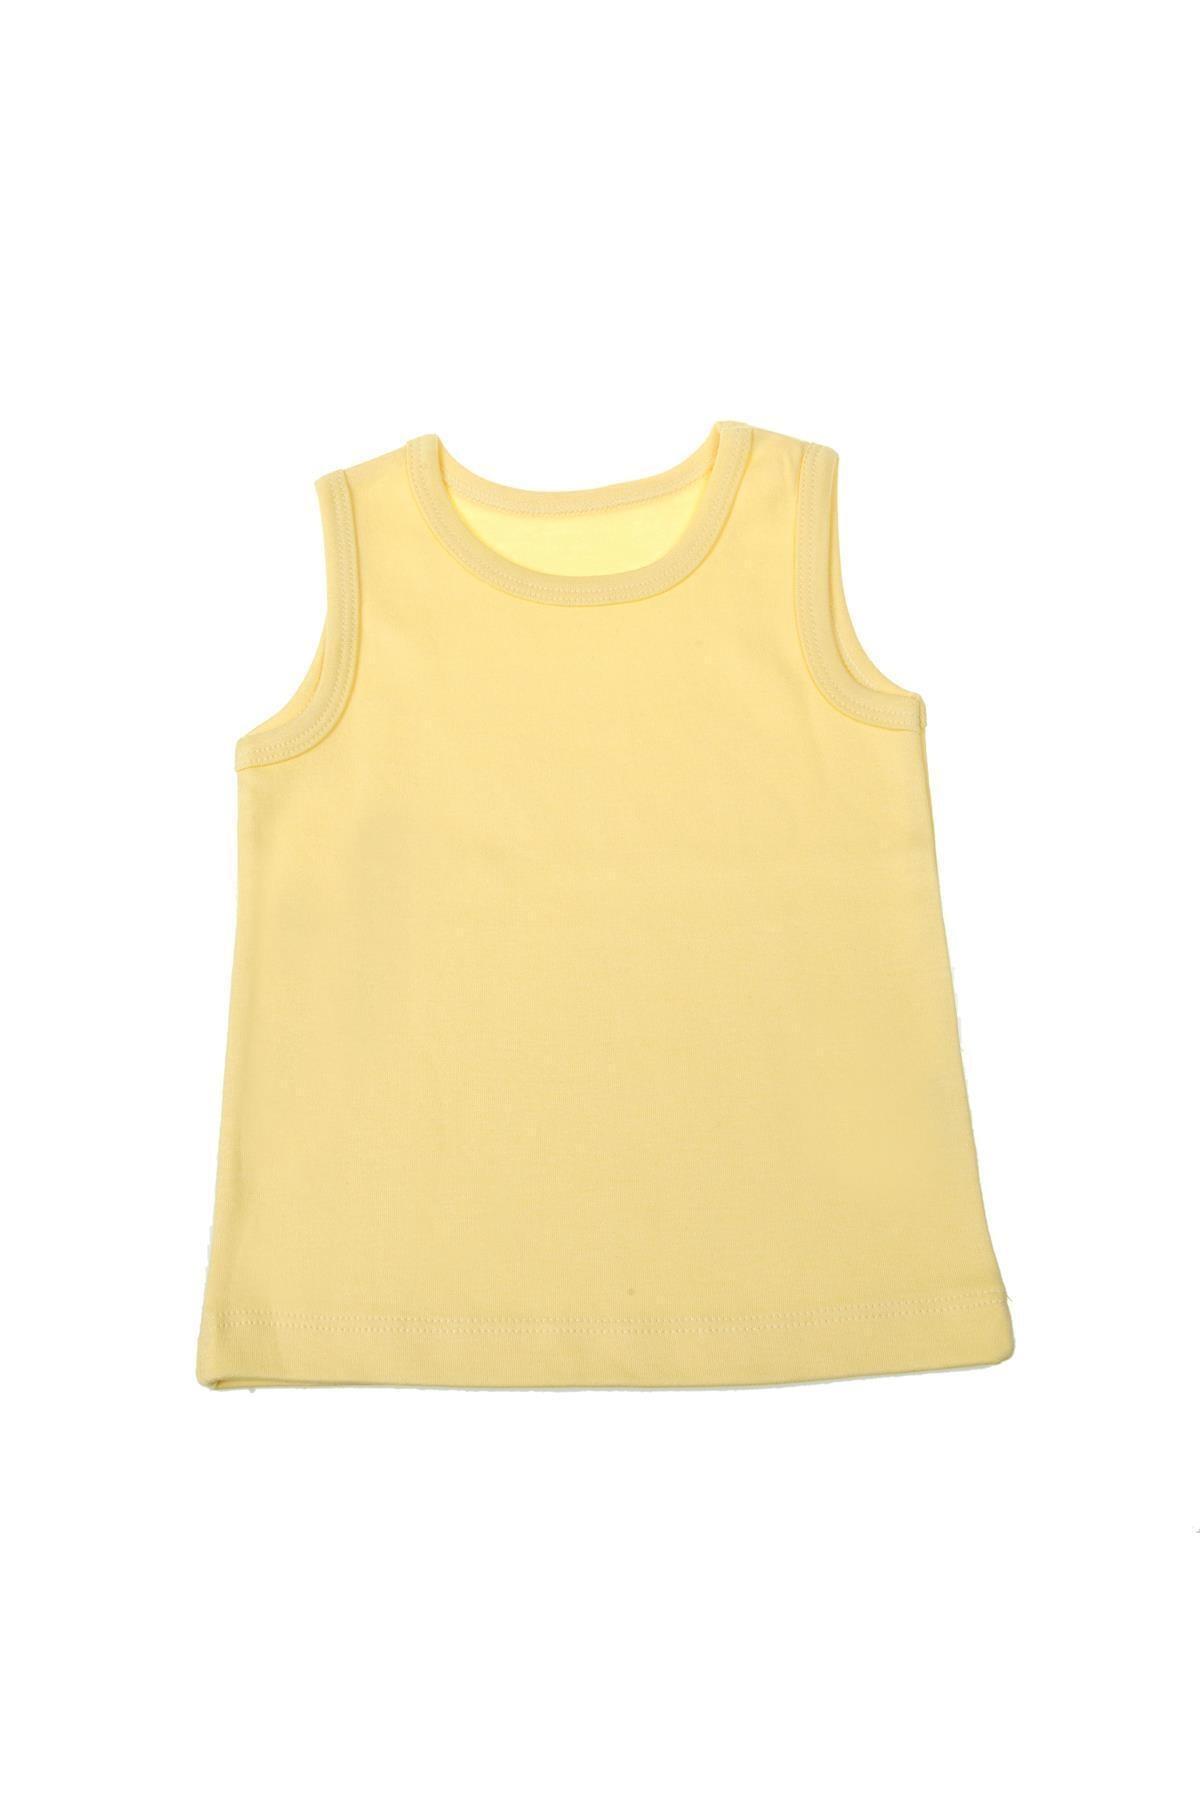 تاپ بچه گانه پسرانه نگیندار برند Mini Ropa رنگ زرد ty46672975